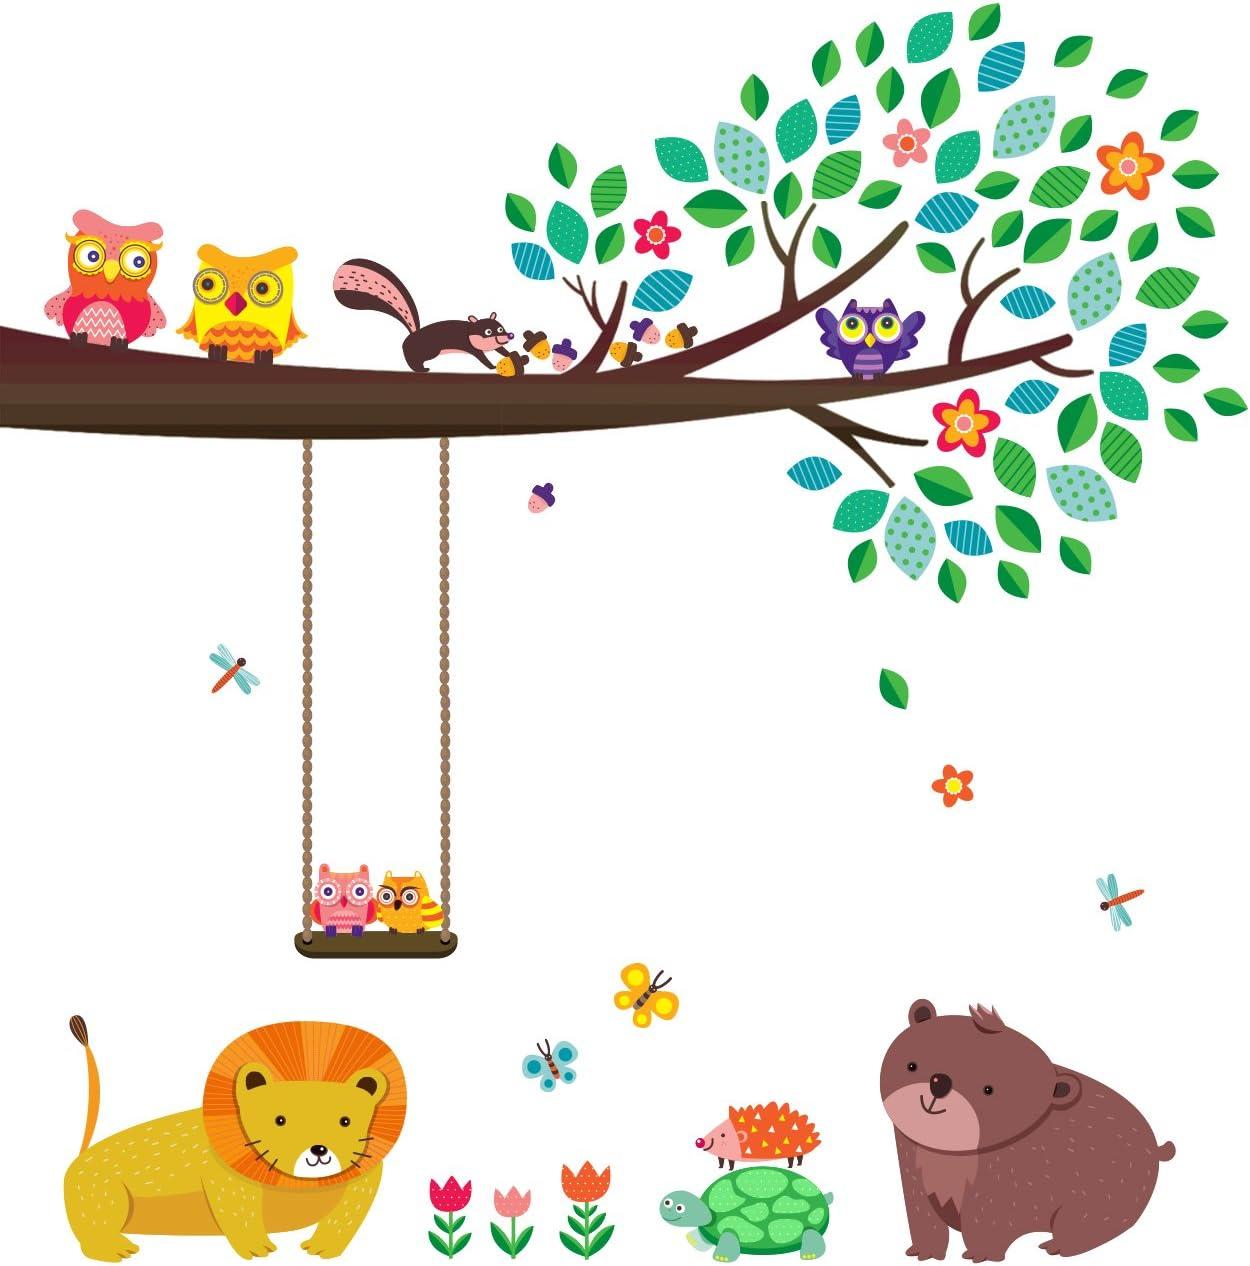 DECOWALL DA-1506A Barcos de Animales Vinilo Pegatinas Decorativas Adhesiva Pared Dormitorio Sal/ón Guarder/ía Habitaci/ón Infantiles Ni/ños Beb/és